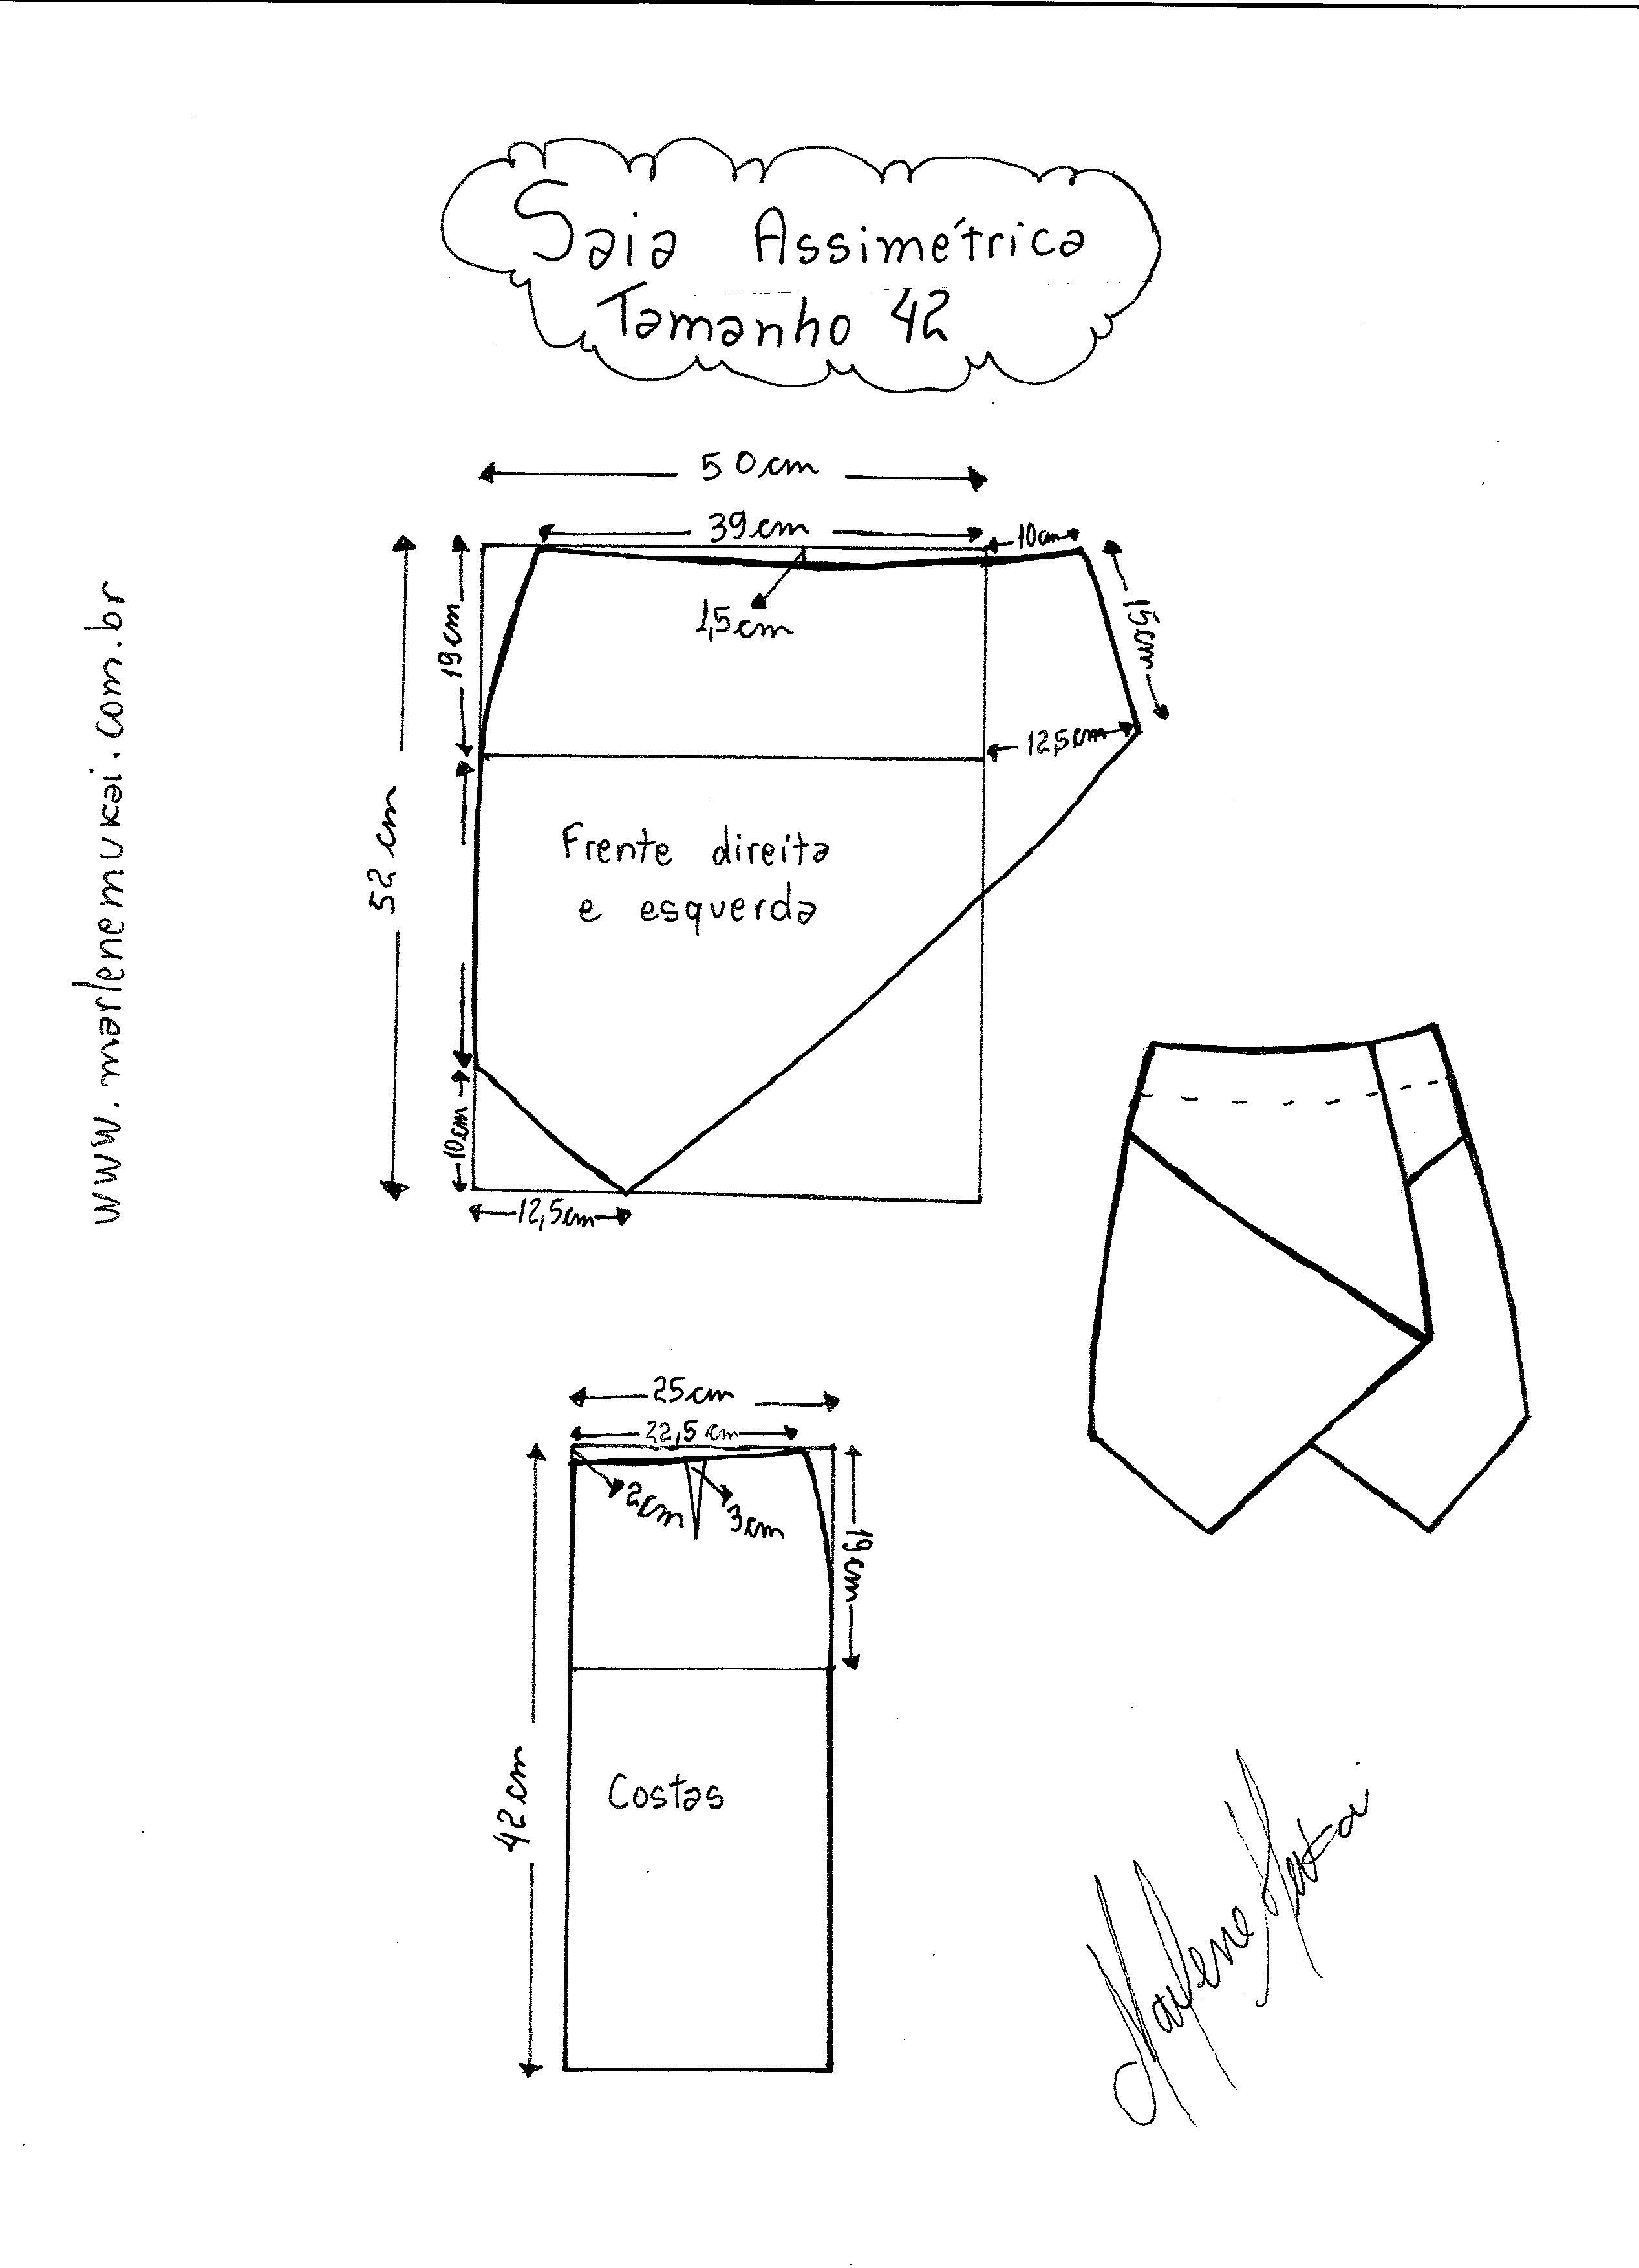 falda-asimetrica-42 - Patrones gratis